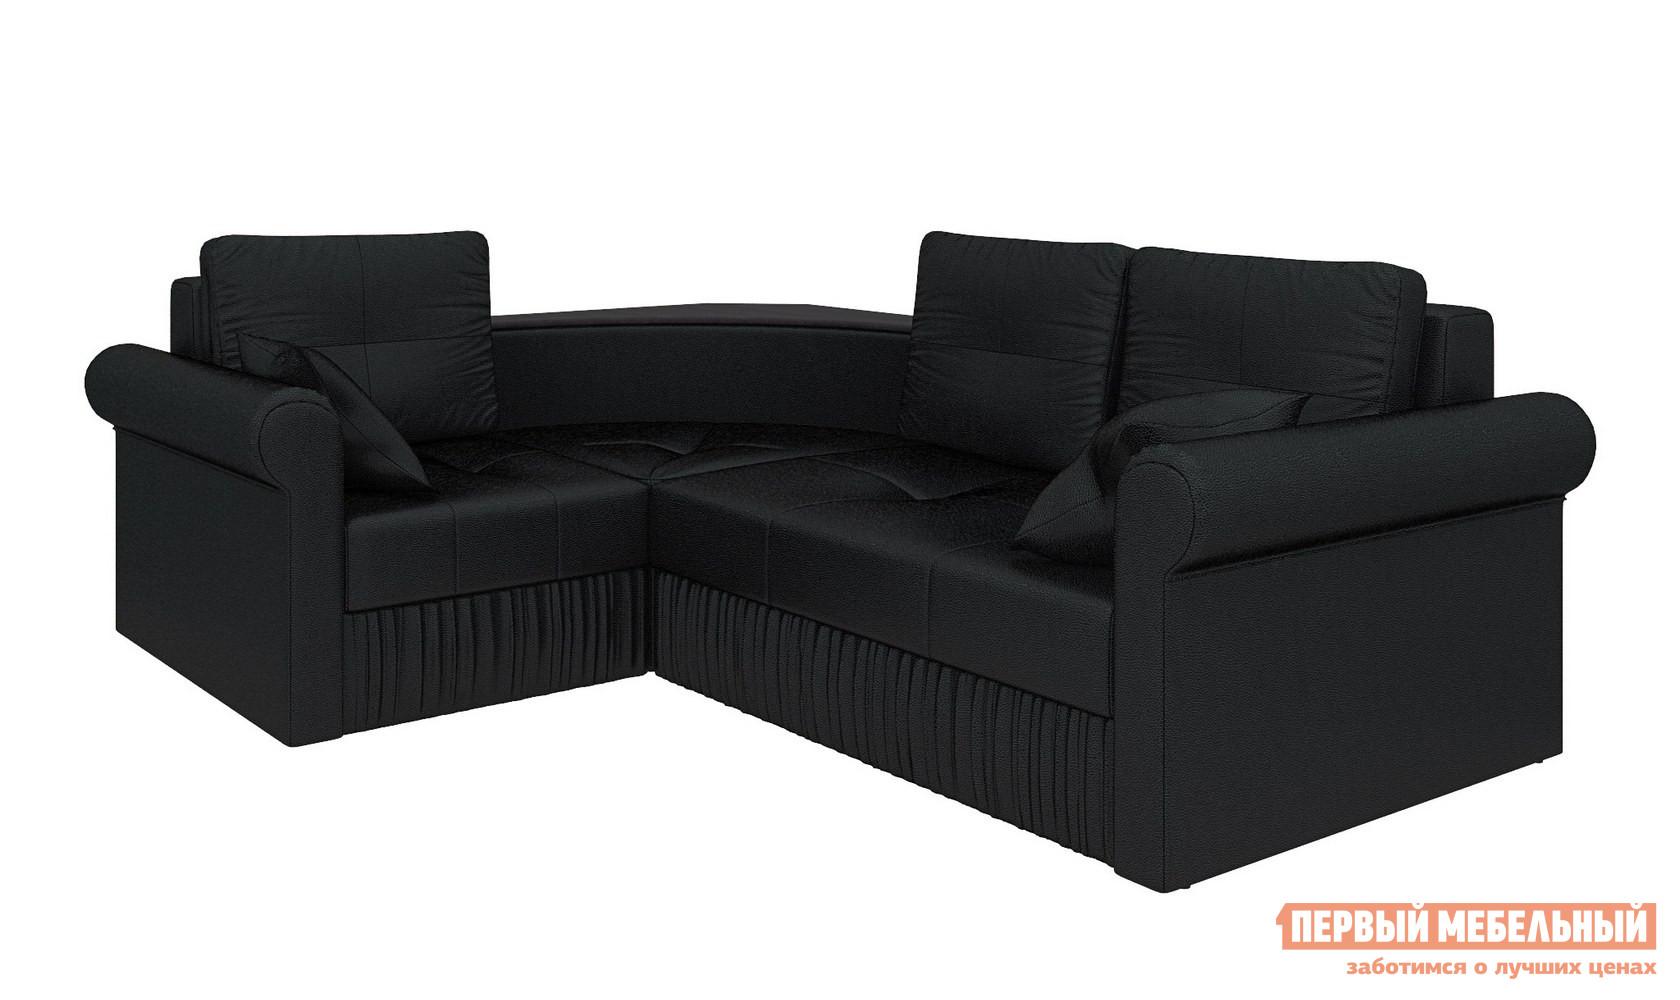 цена Угловой диван Мебелико Диван угловой Юта